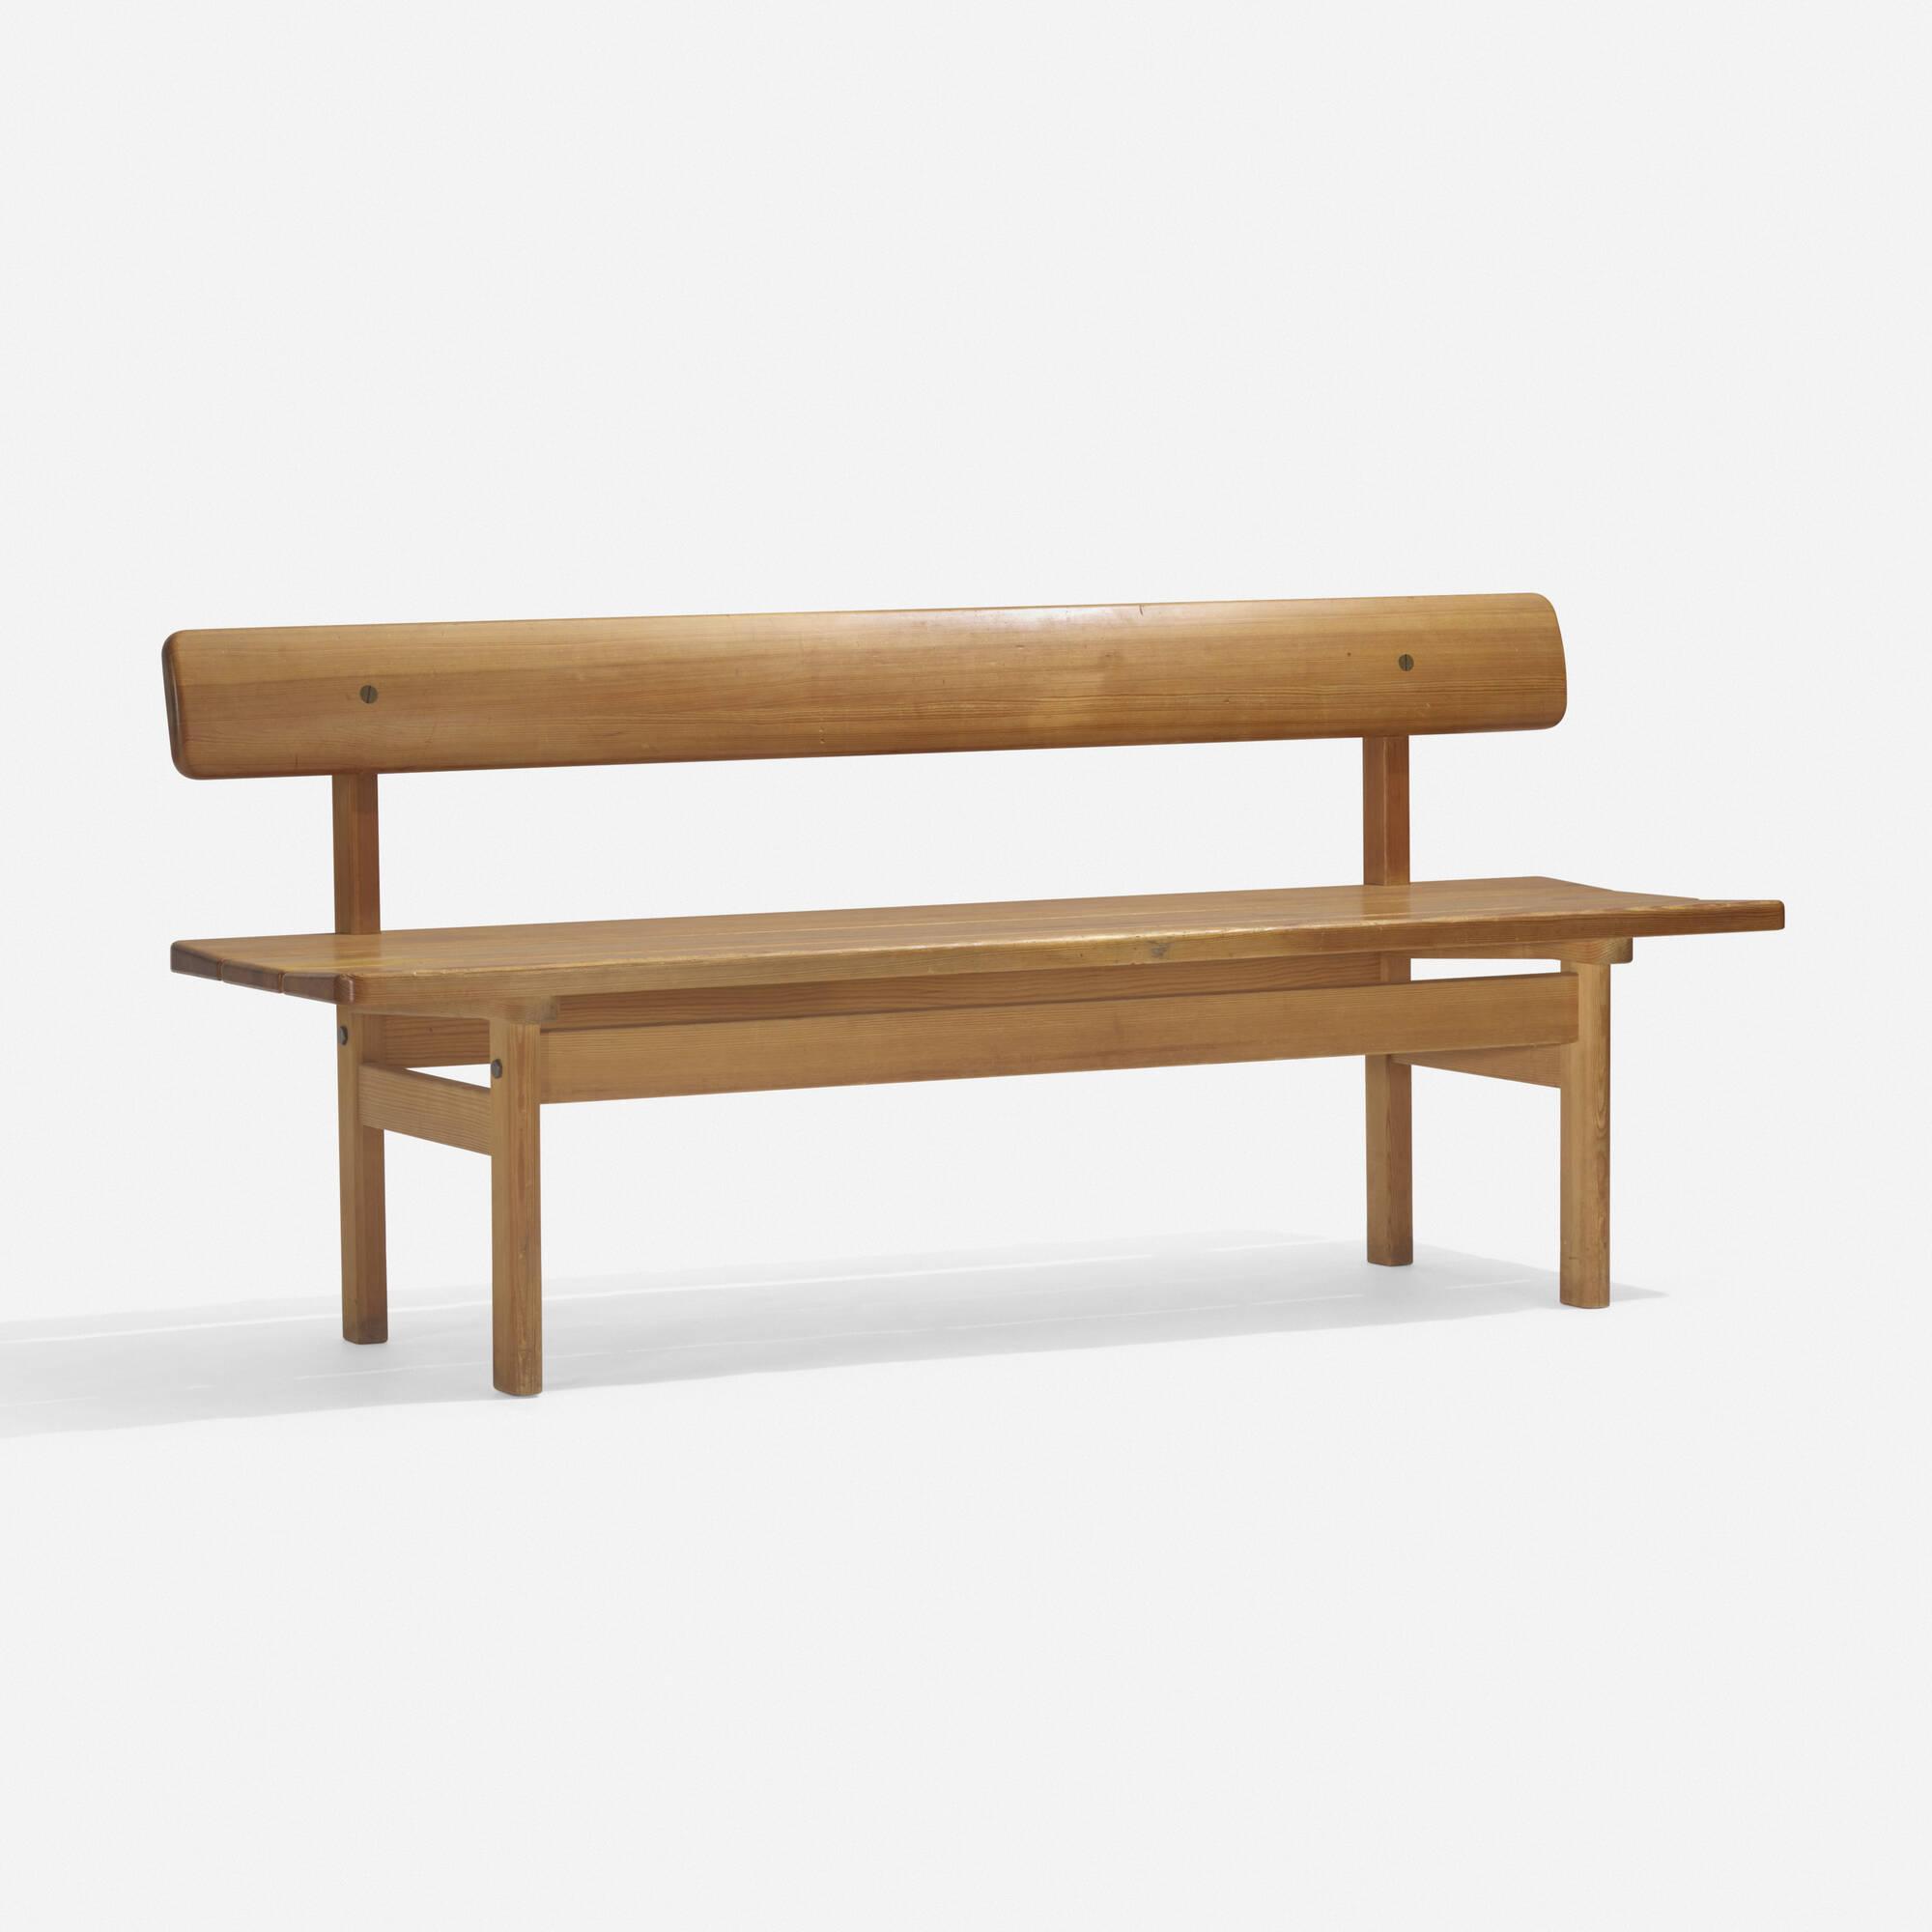 255: Børge Mogensen / bench (1 of 2)